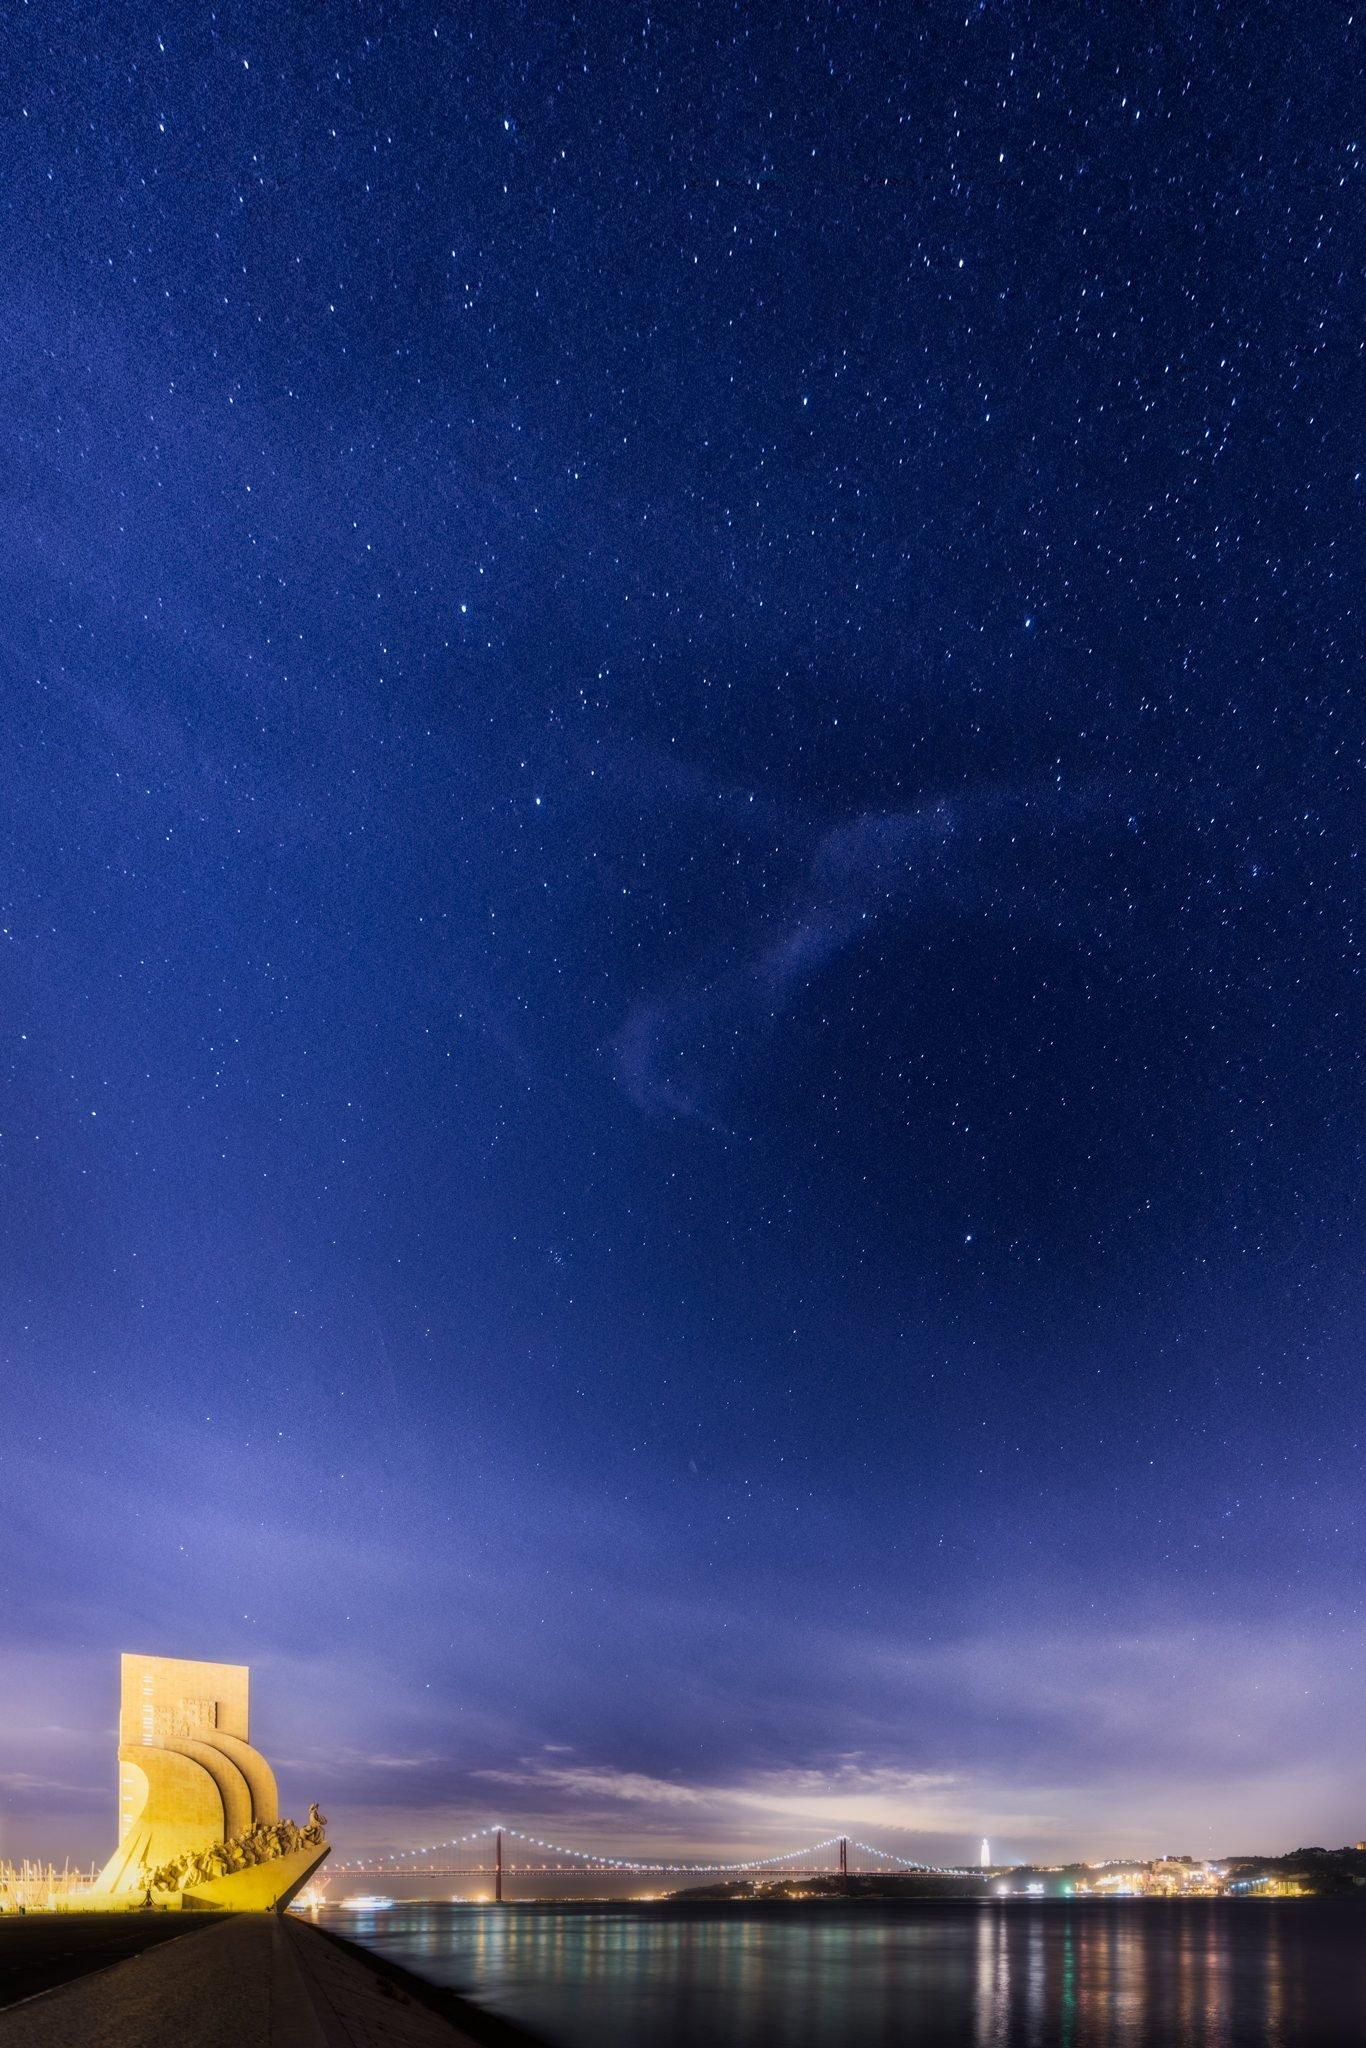 Das Denkmal der Entdeckungen, Sternenhimmel über Lissabon, Portugal.